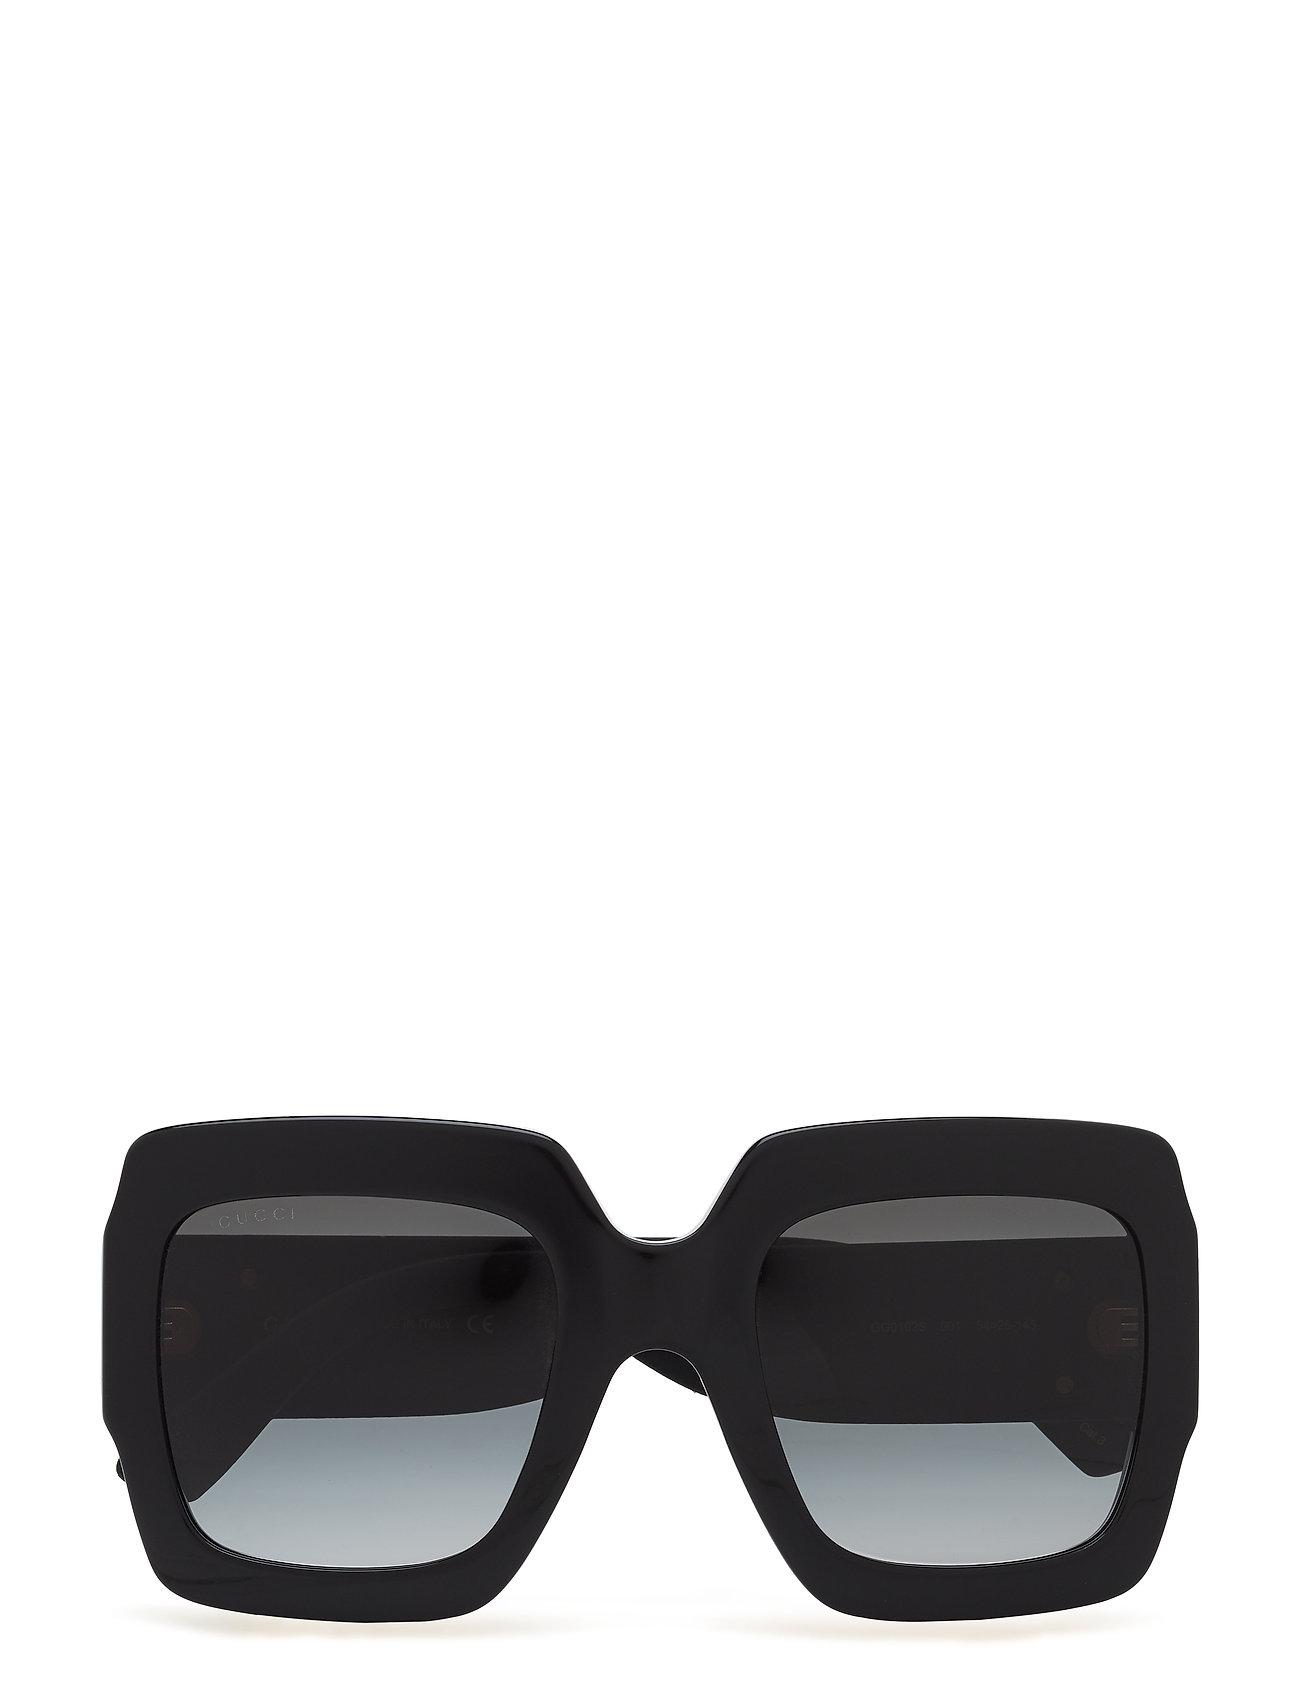 26e6151c5925 Gucci Sunglasses Women K Gg0102s (Black-black-grey)